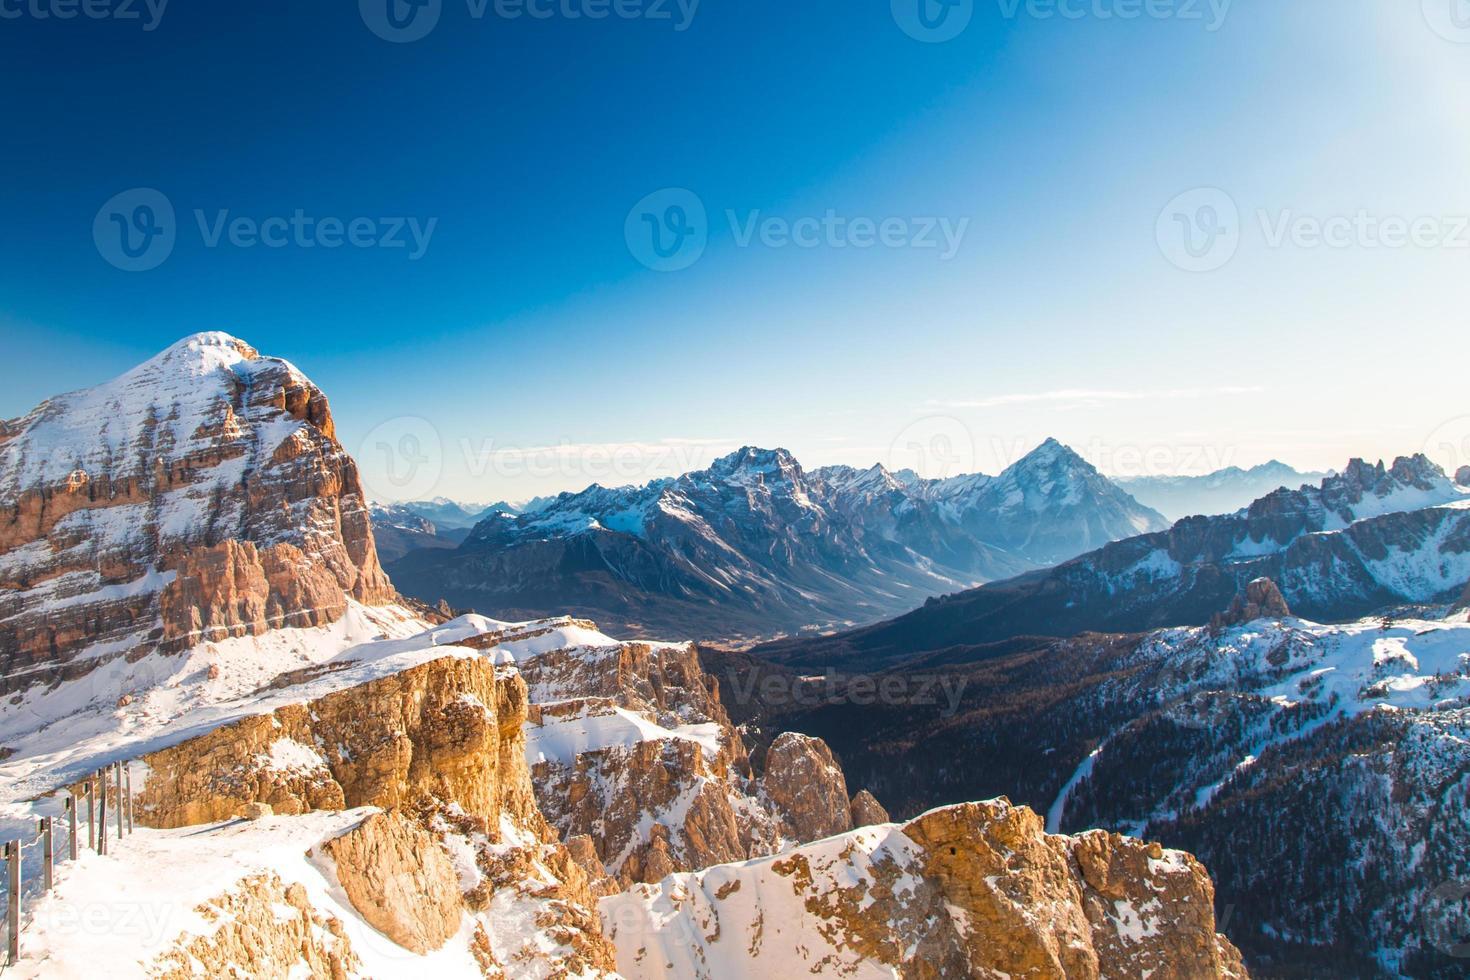 dolomiti italiano pronto para a temporada de esqui foto